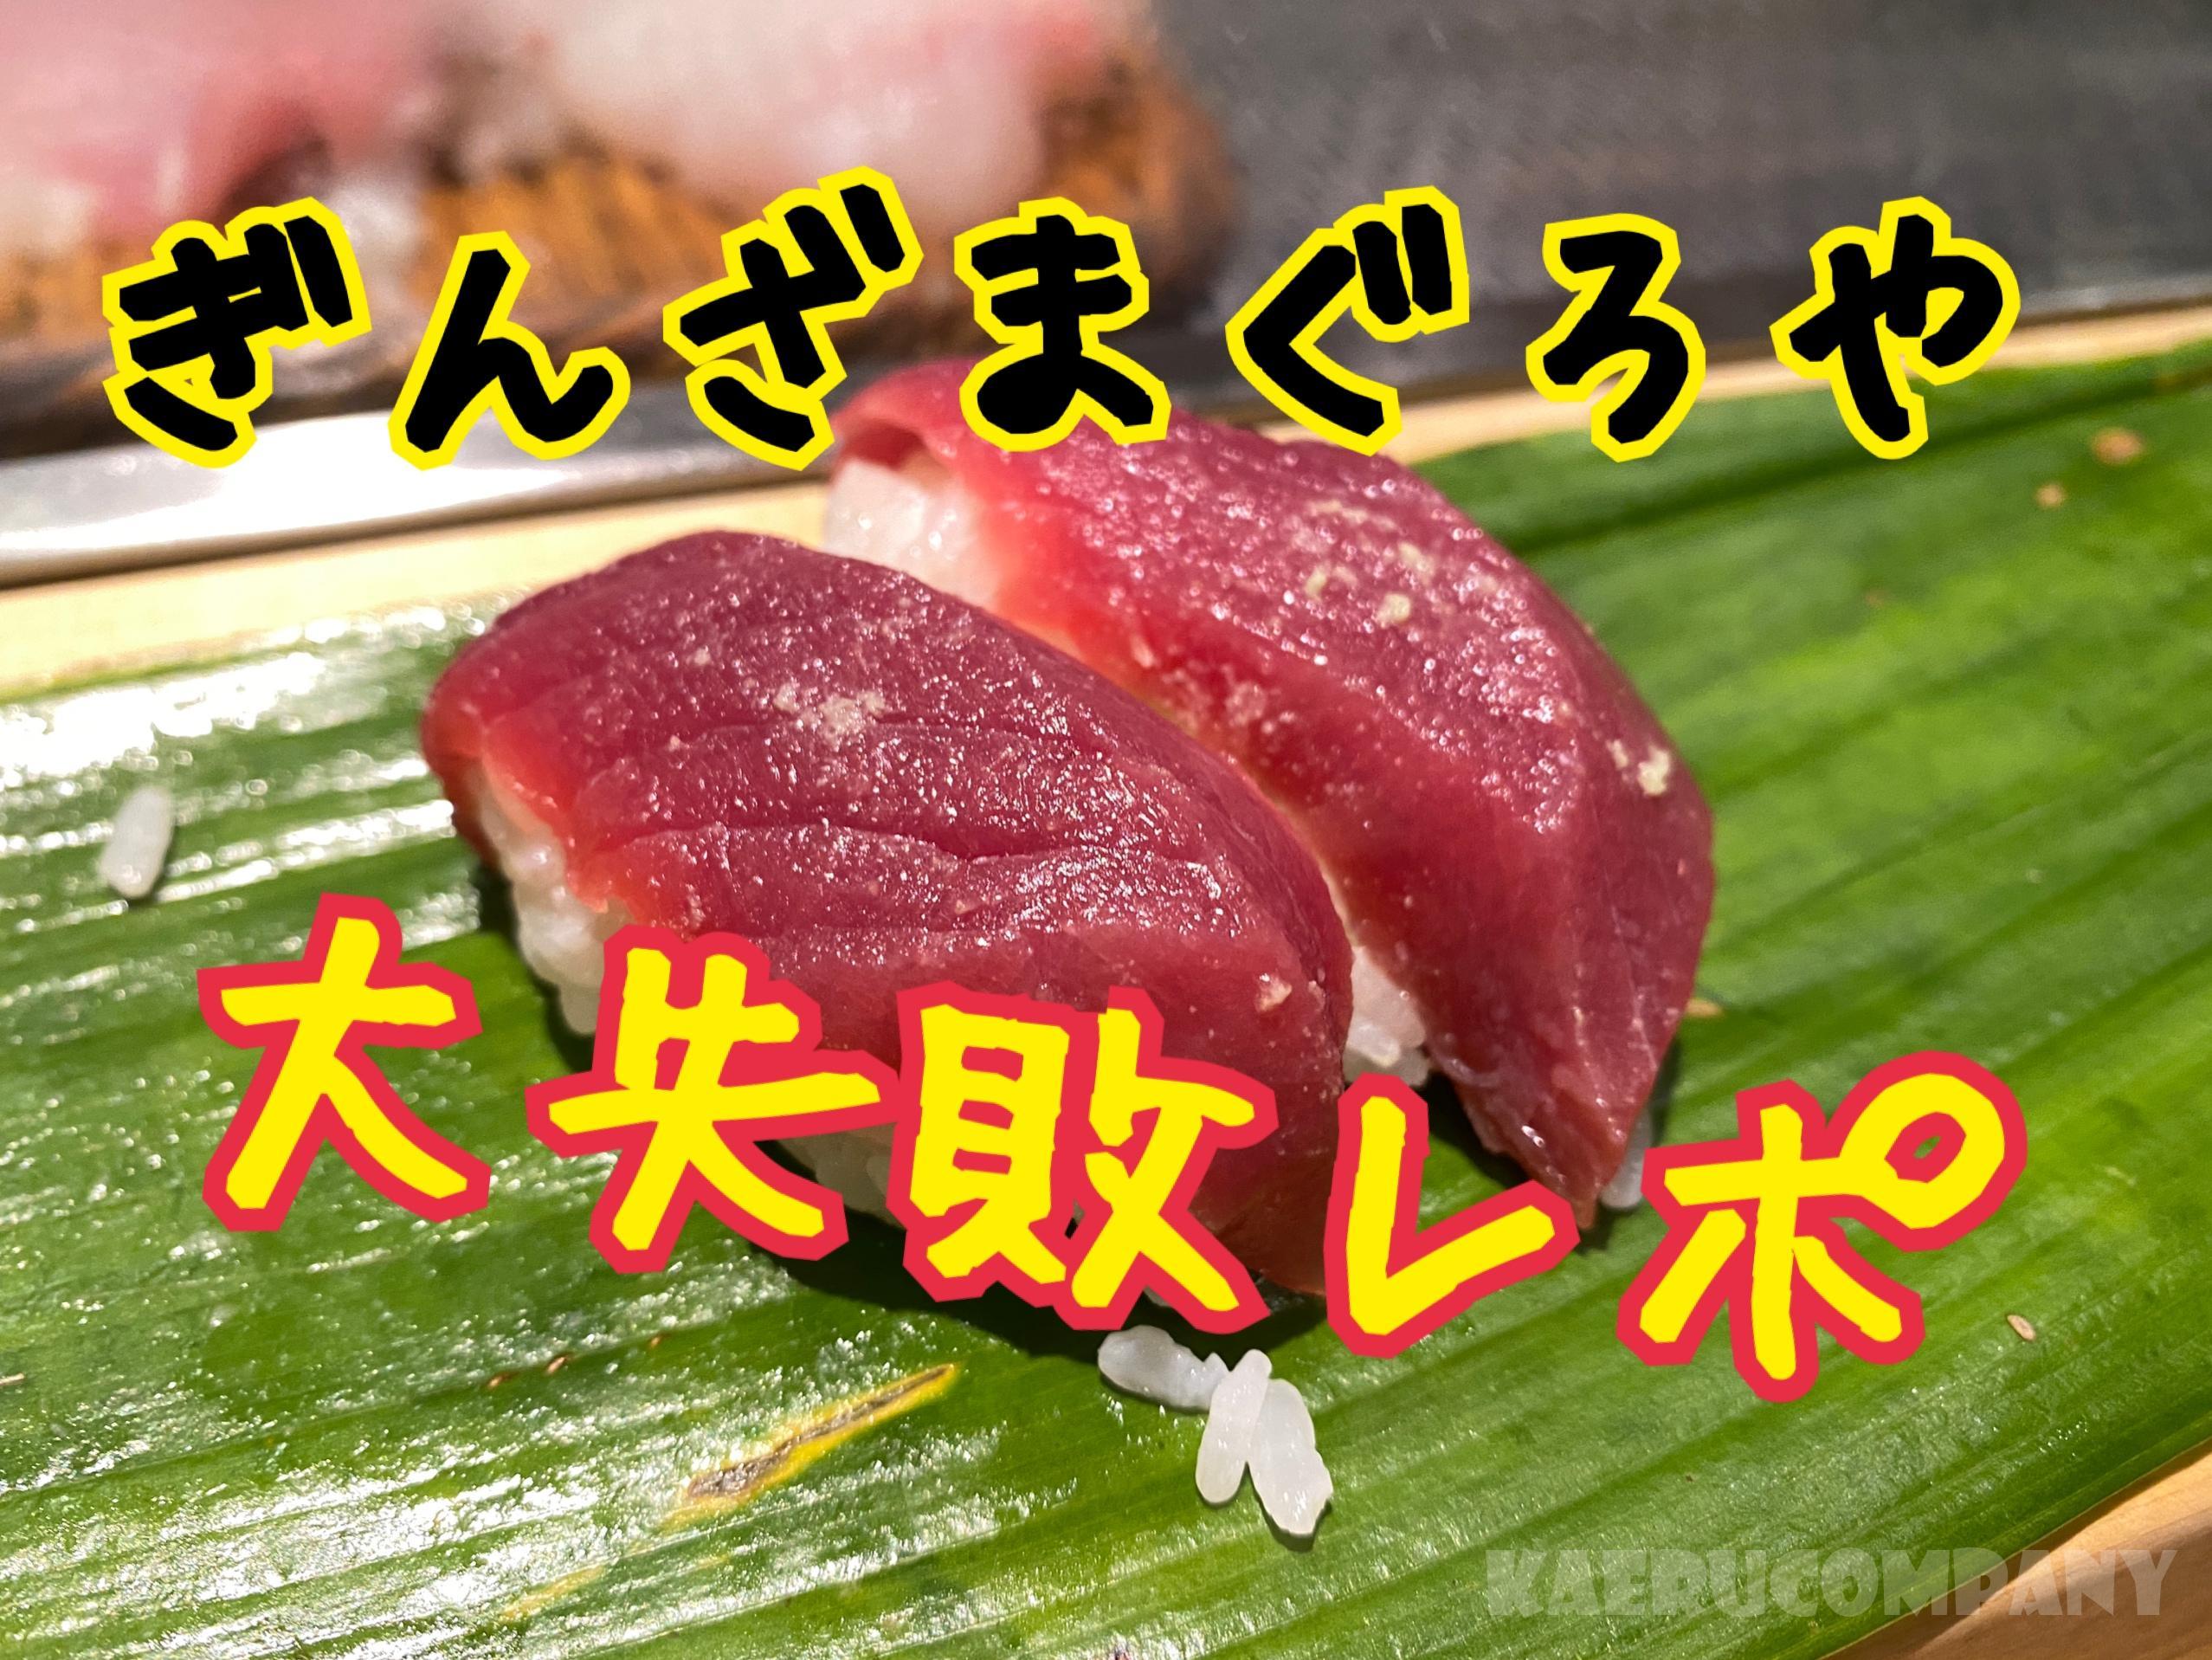 高級寿司食べ放題!噂のぎんざまぐろやに行ったけど下調べ不足で大失敗!